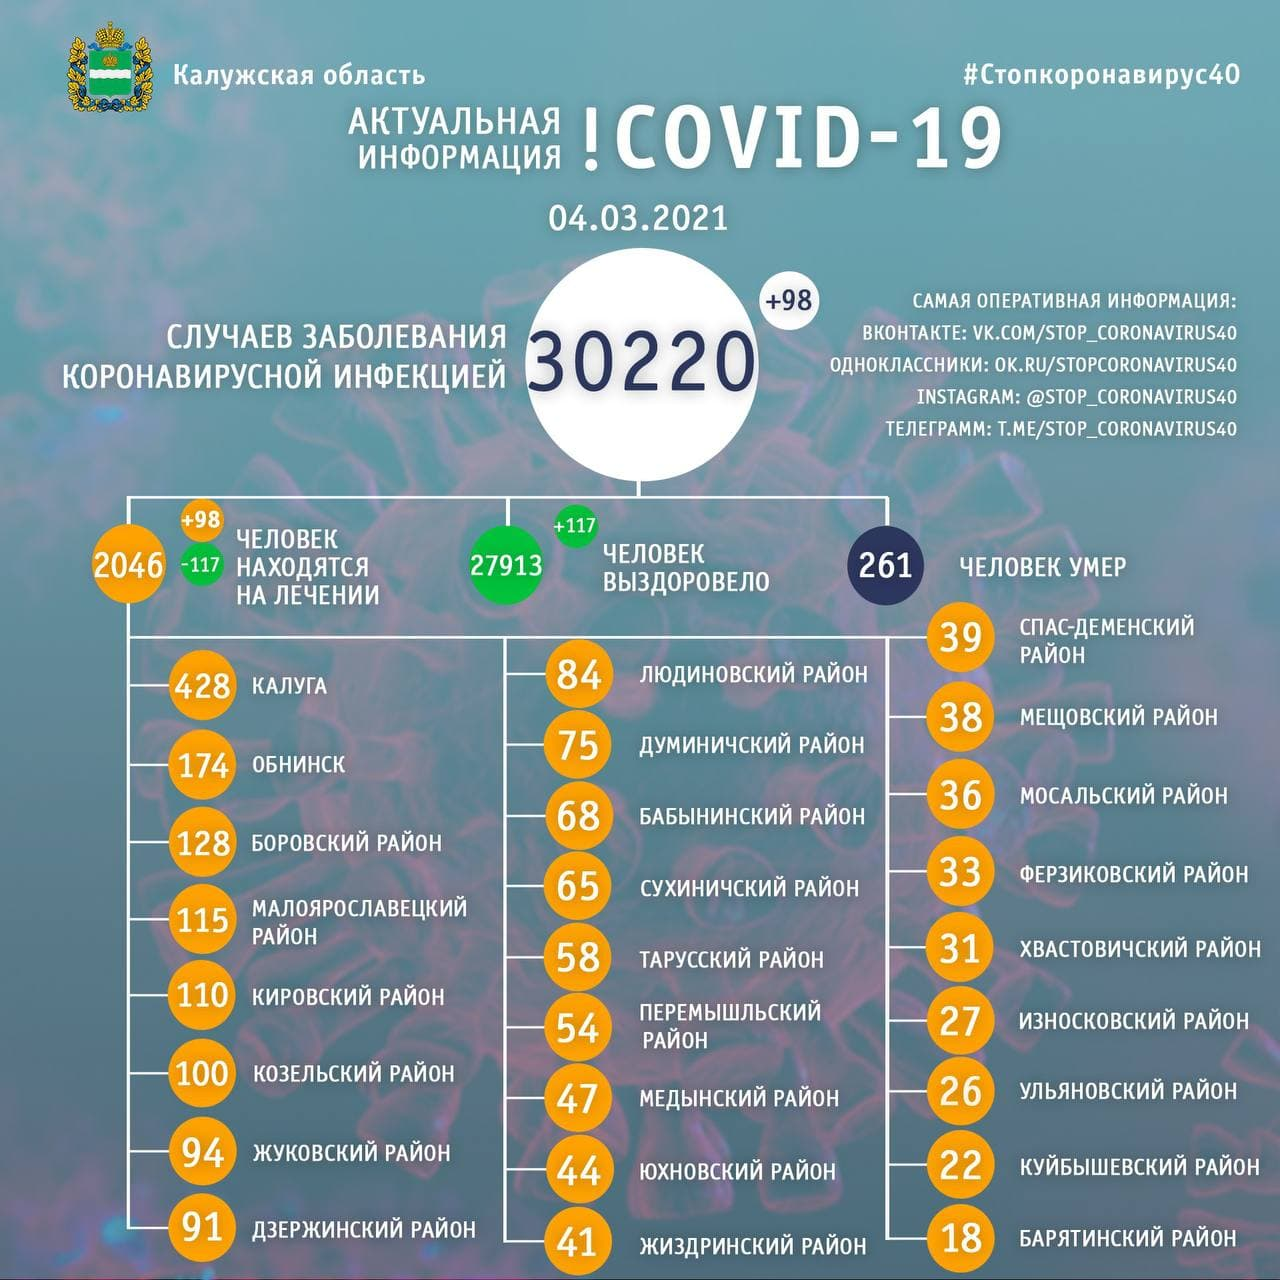 Официальная статистика по коронавирусу в Калужской области 4 марта 2021 года.